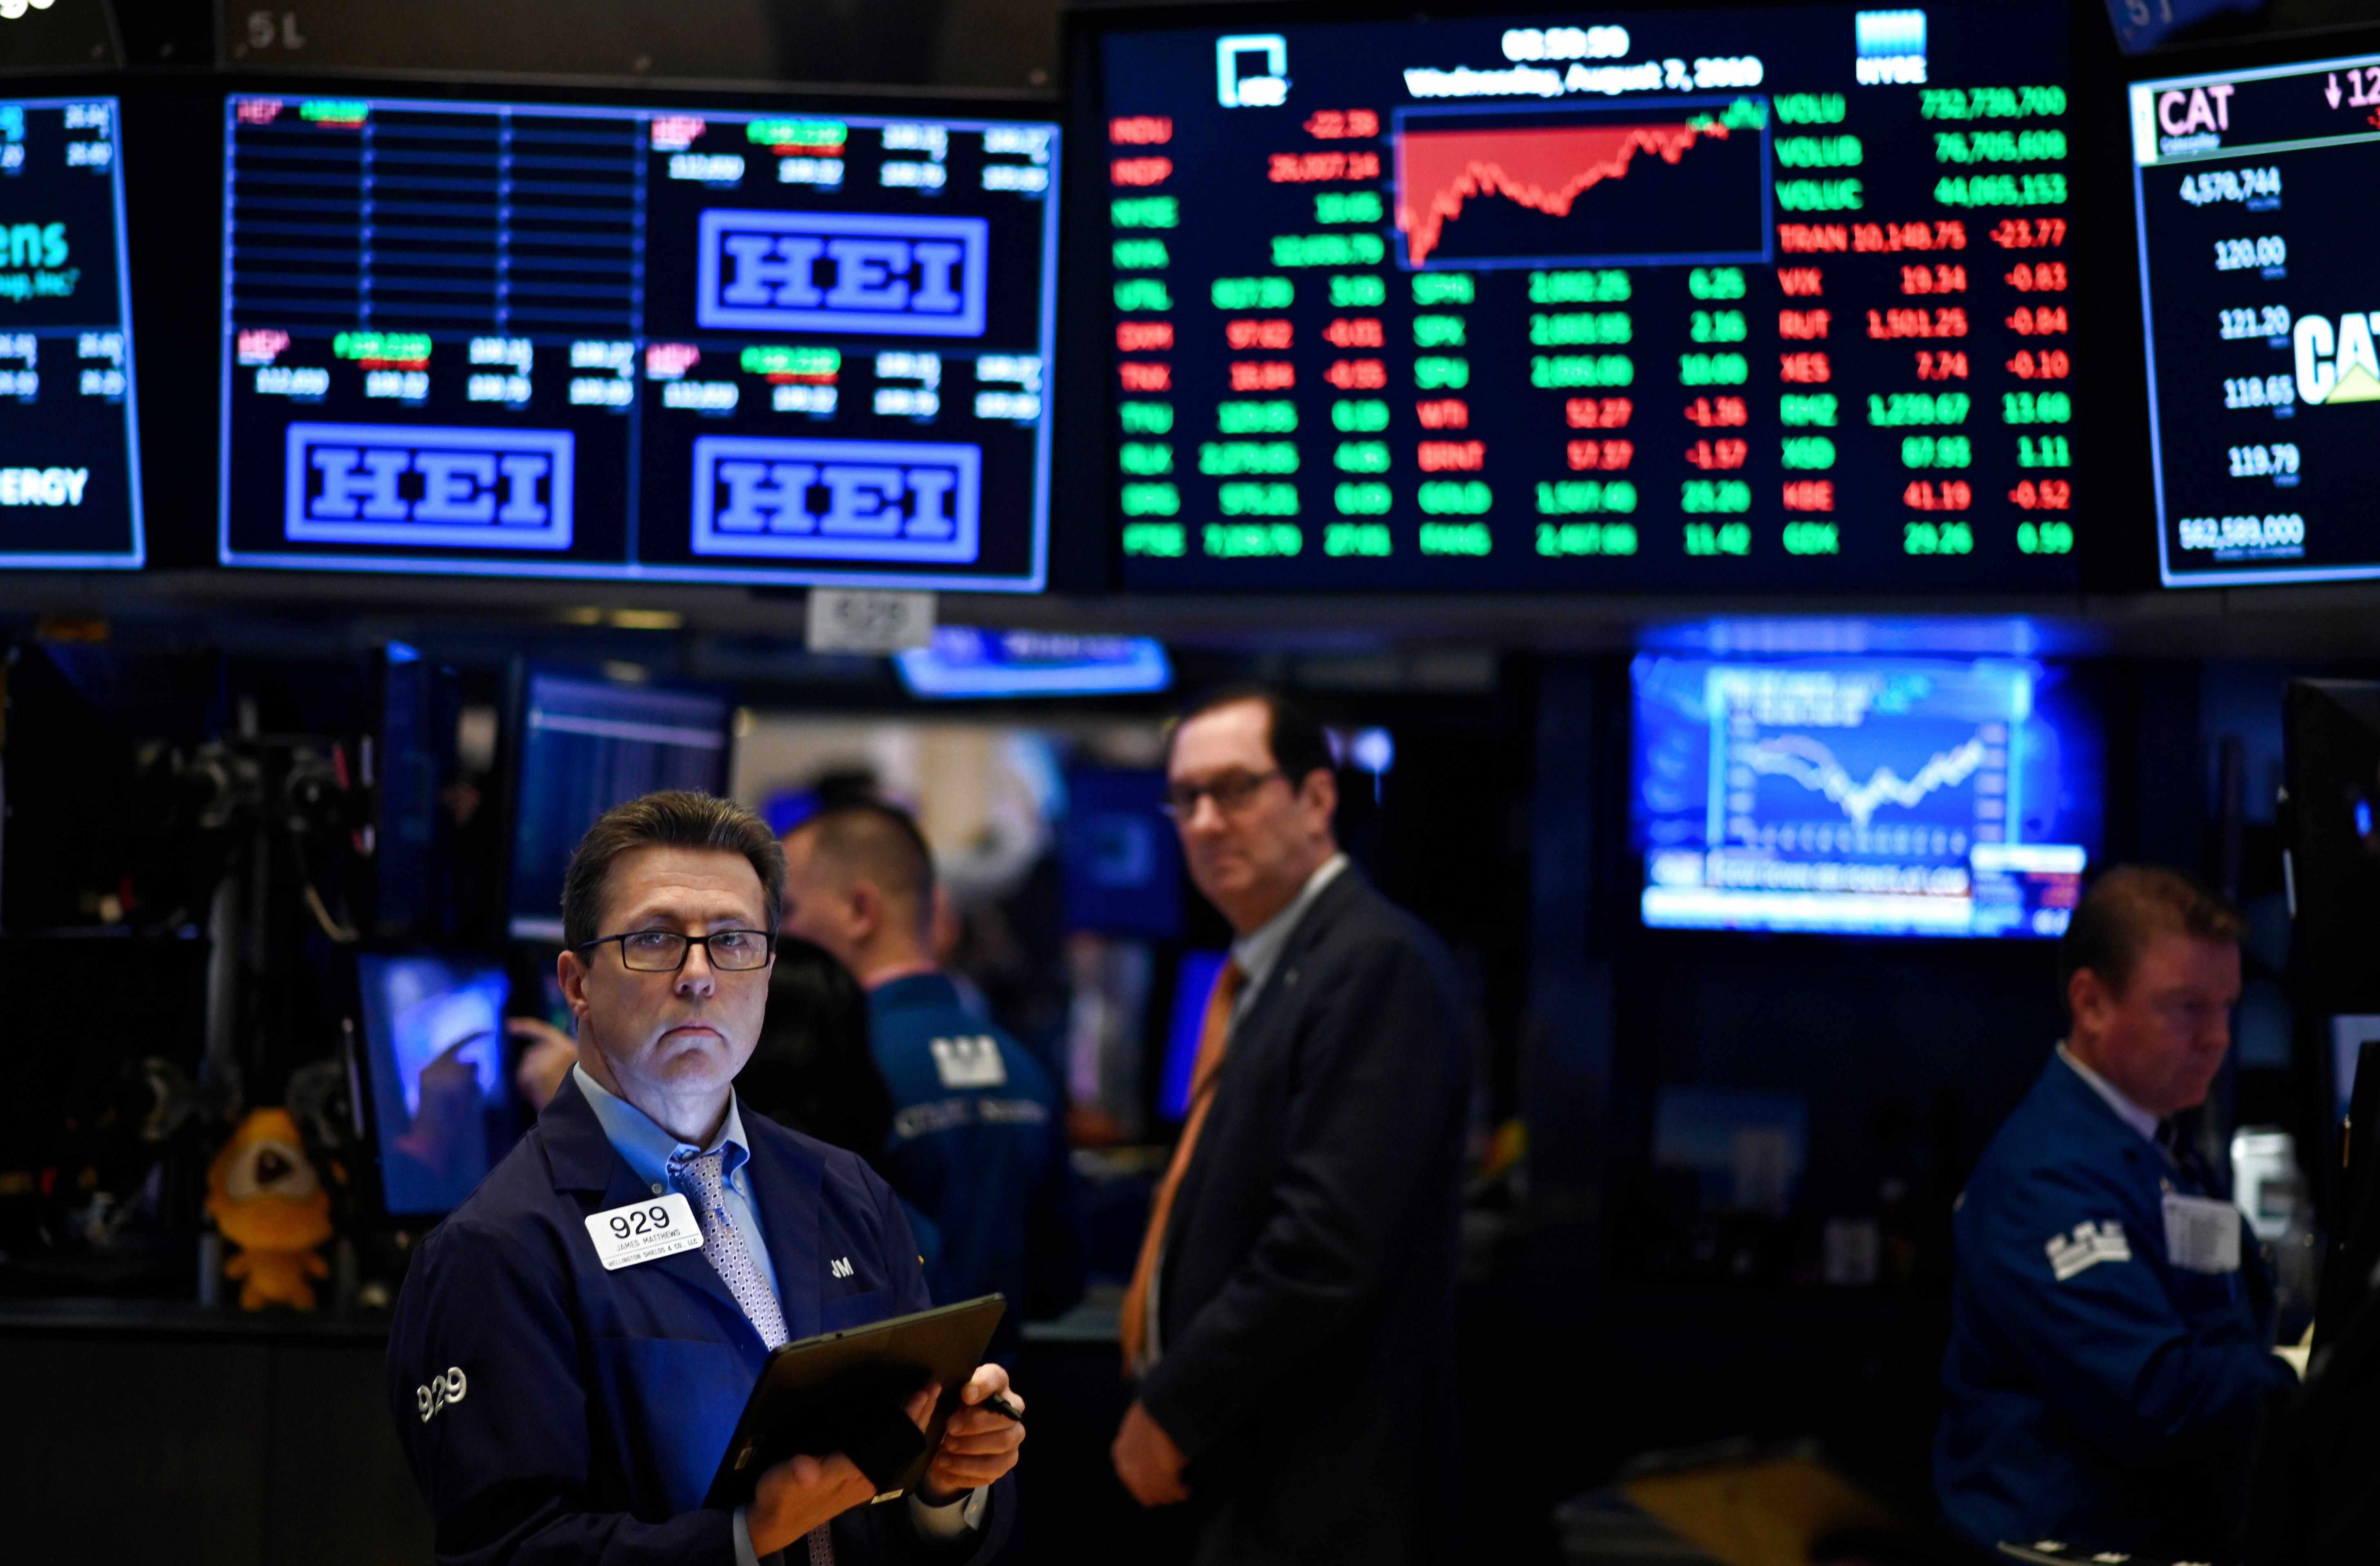 financial crisis strategist roche david